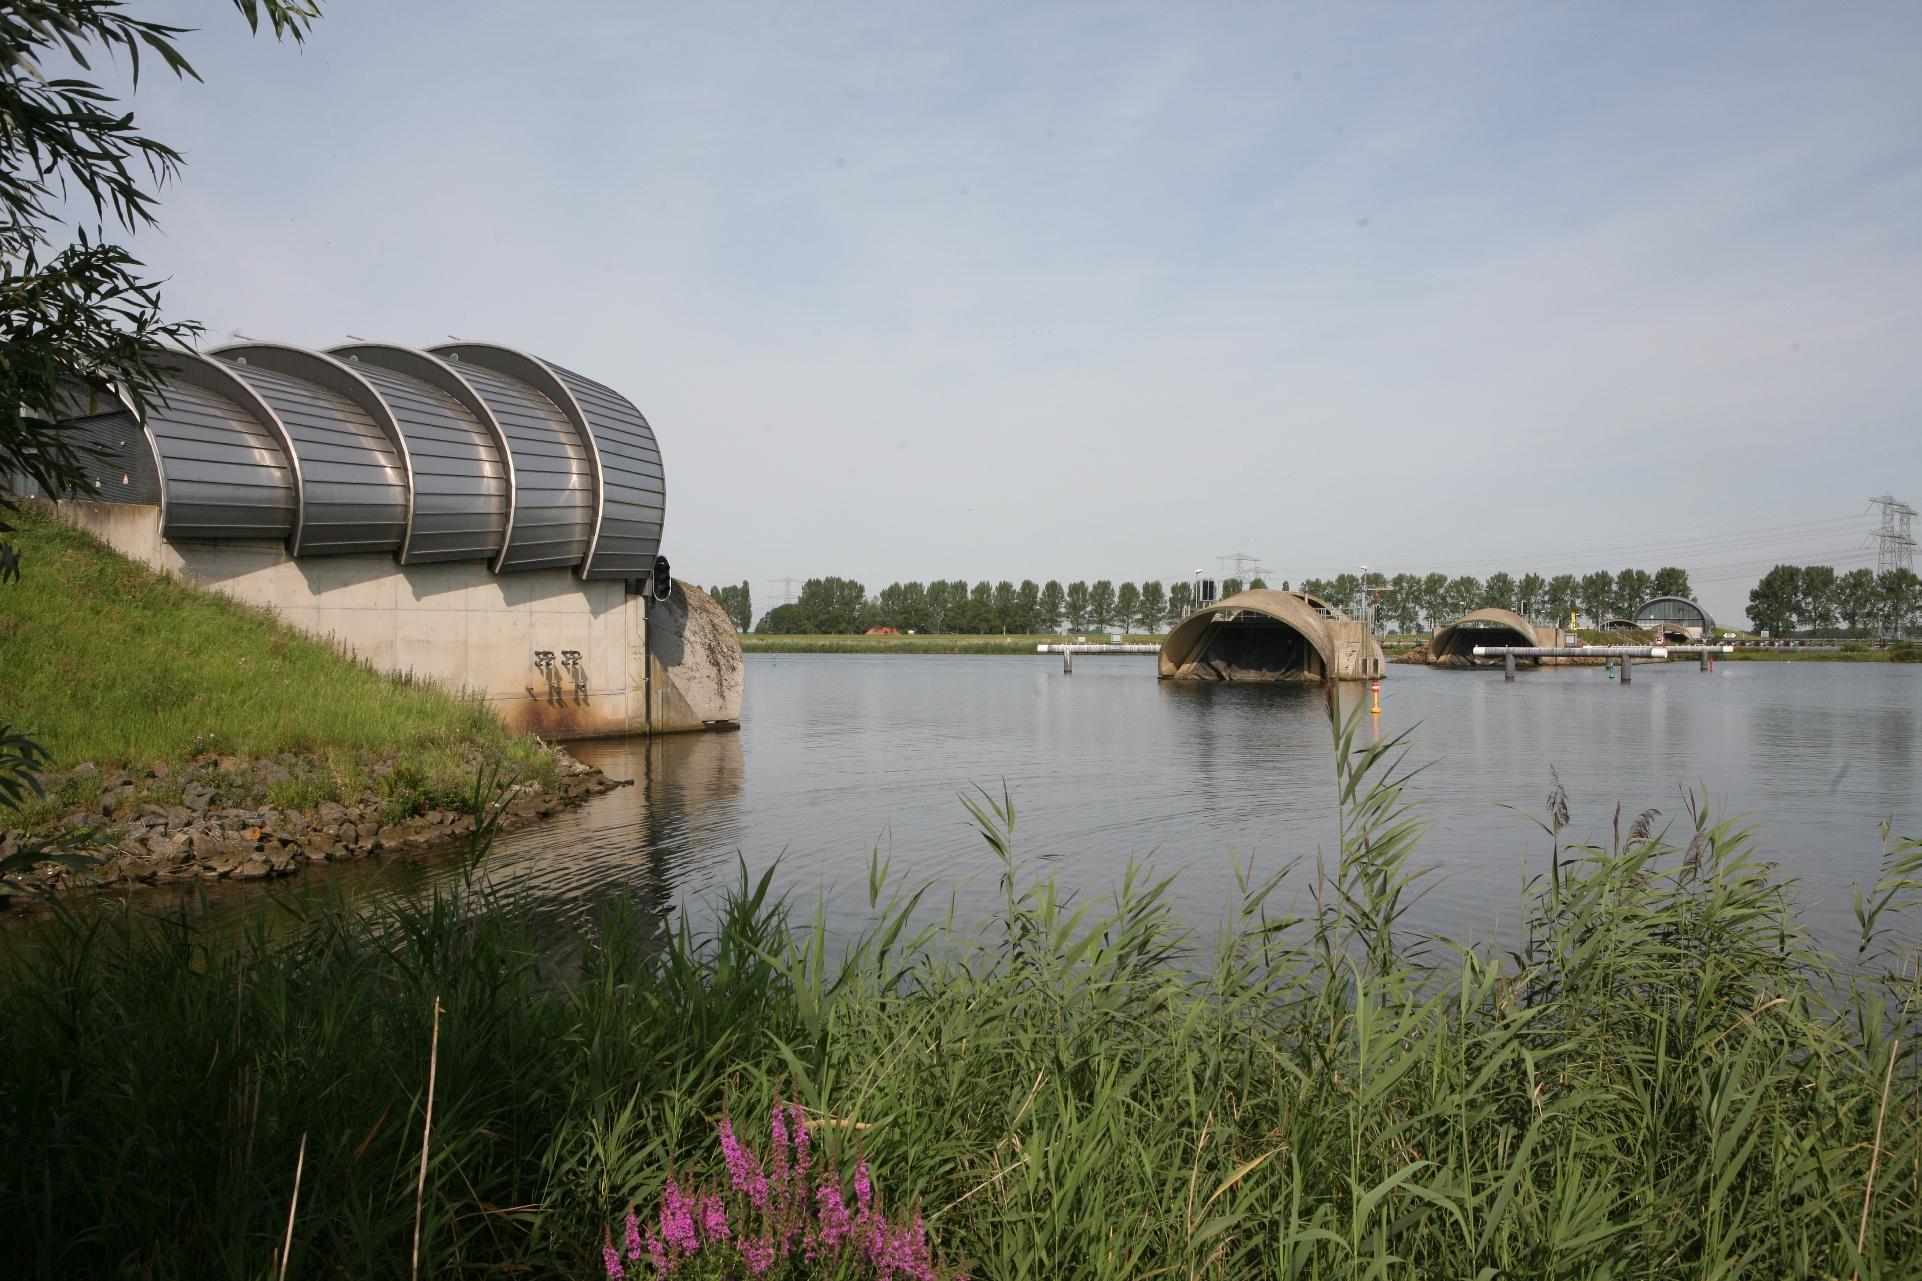 De balgstuw bij Ramspol is een opblaasbare dam, gelegen tussen het Ketelmeer en het Zwarte Meer.